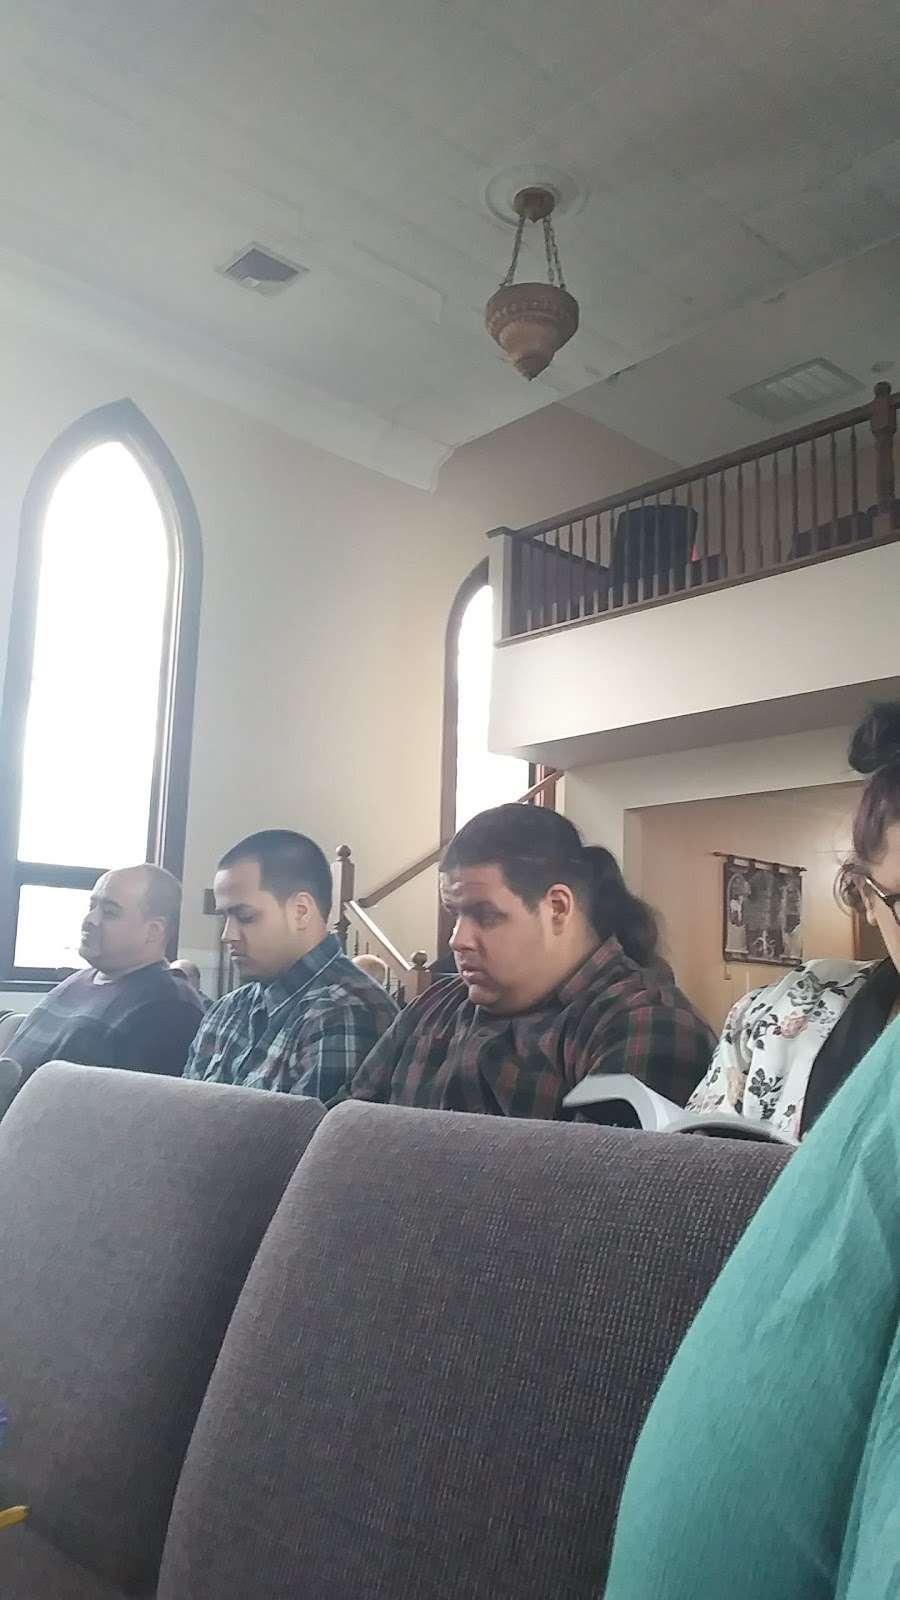 Tallman Bible Church - church  | Photo 8 of 10 | Address: 280 NY-59, Tallman, NY 10982, USA | Phone: (845) 357-1941